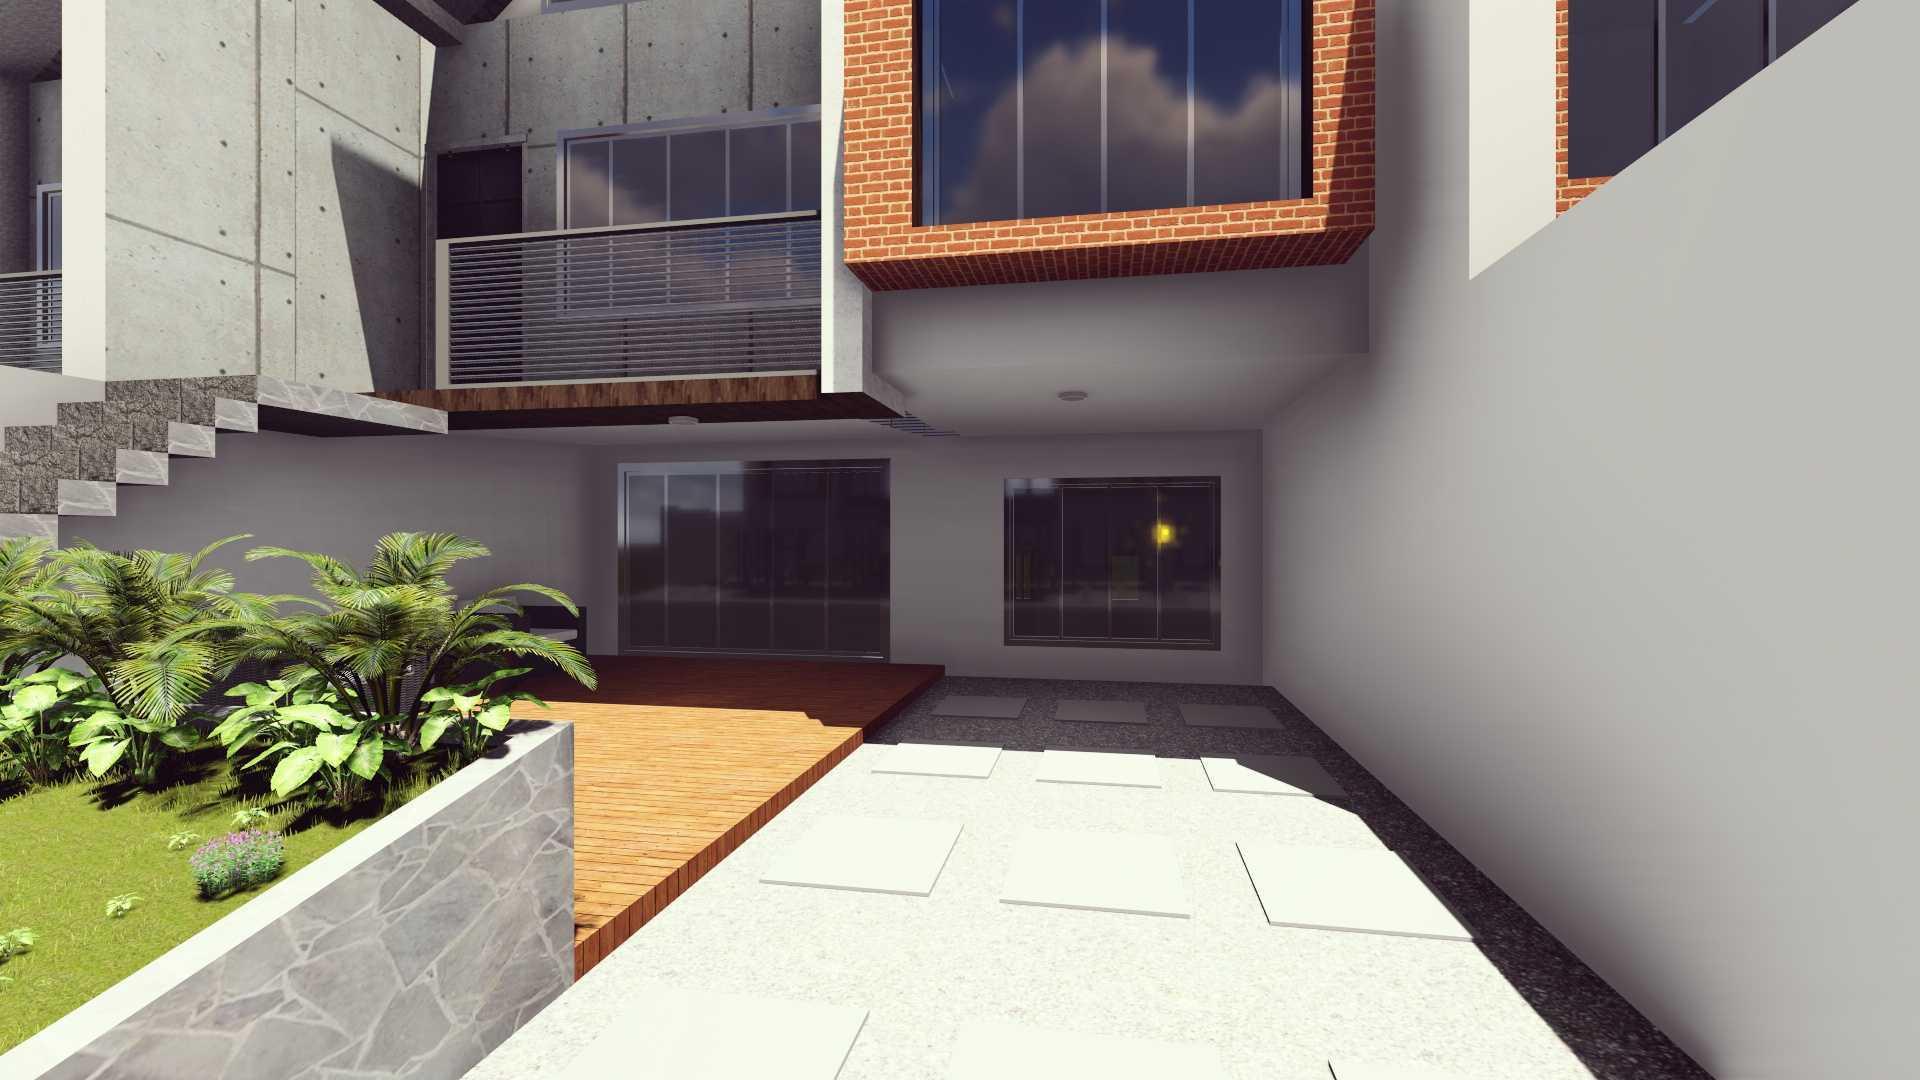 Ayu Fatmawati Cinde Town House Kota Semarang, Jawa Tengah, Indonesia Kota Semarang, Jawa Tengah, Indonesia Ayu-Fatmawati-Cinde-Town-House Kontemporer  53658